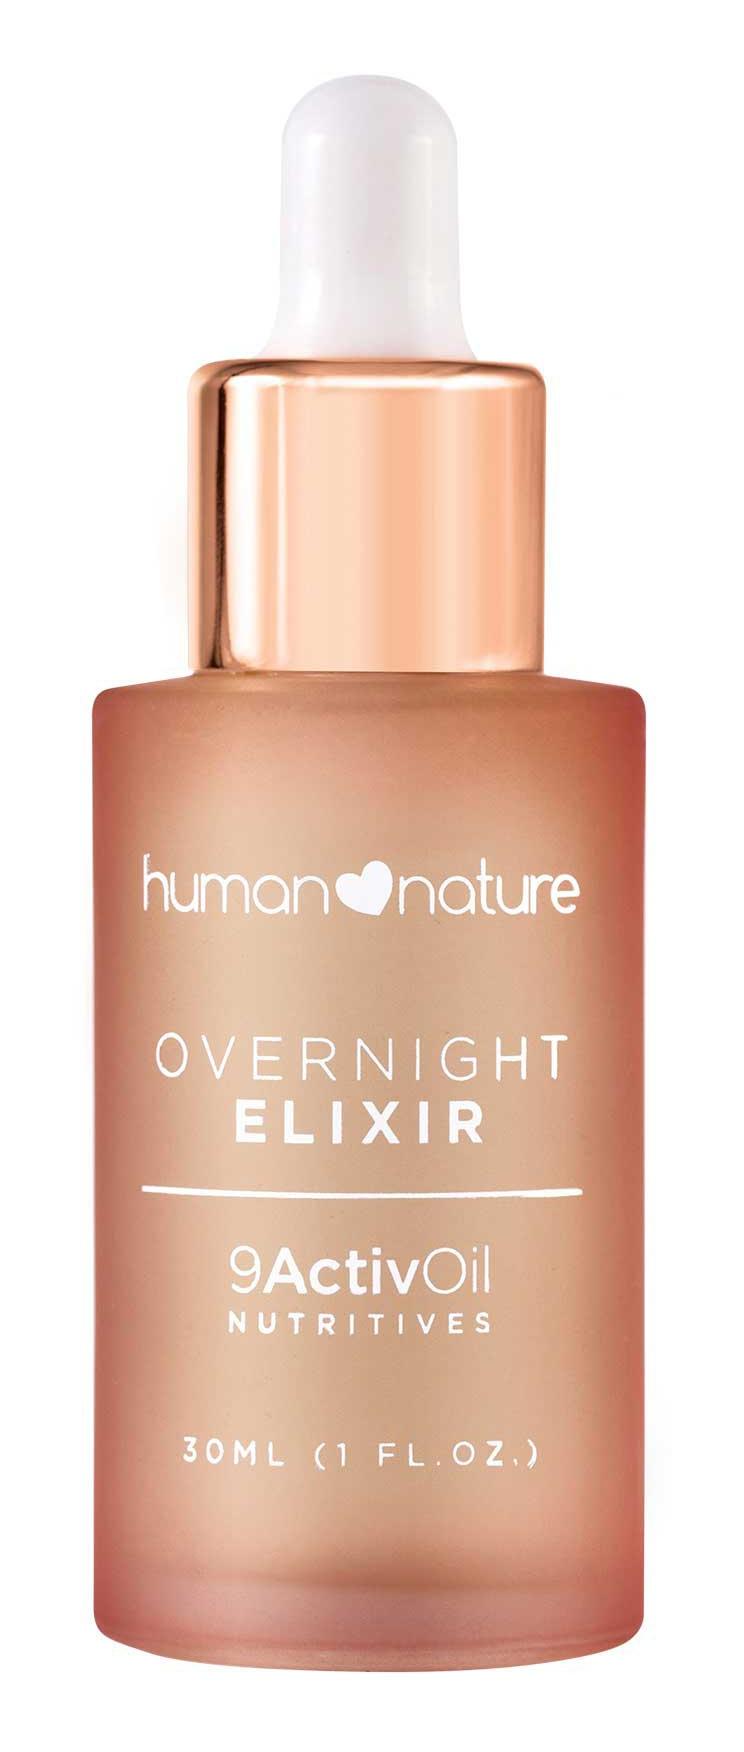 Human Heart Nature Overnight Elixir